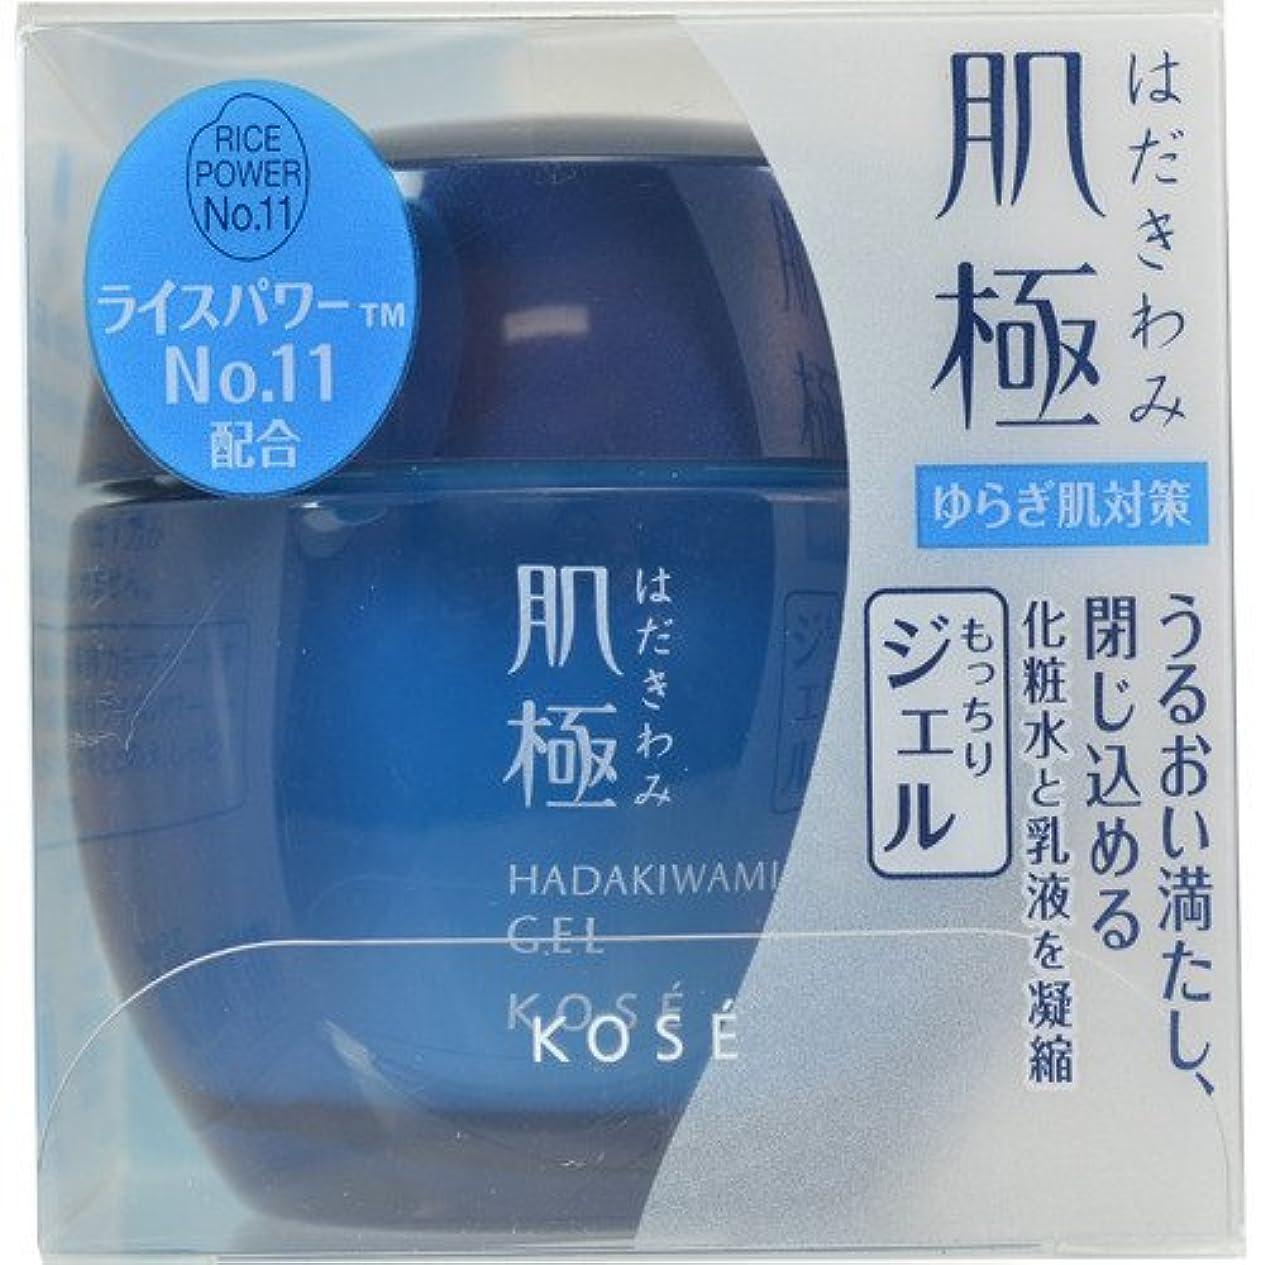 集中不器用まばたき肌極 化粧液(ジェル) 40g [並行輸入品]